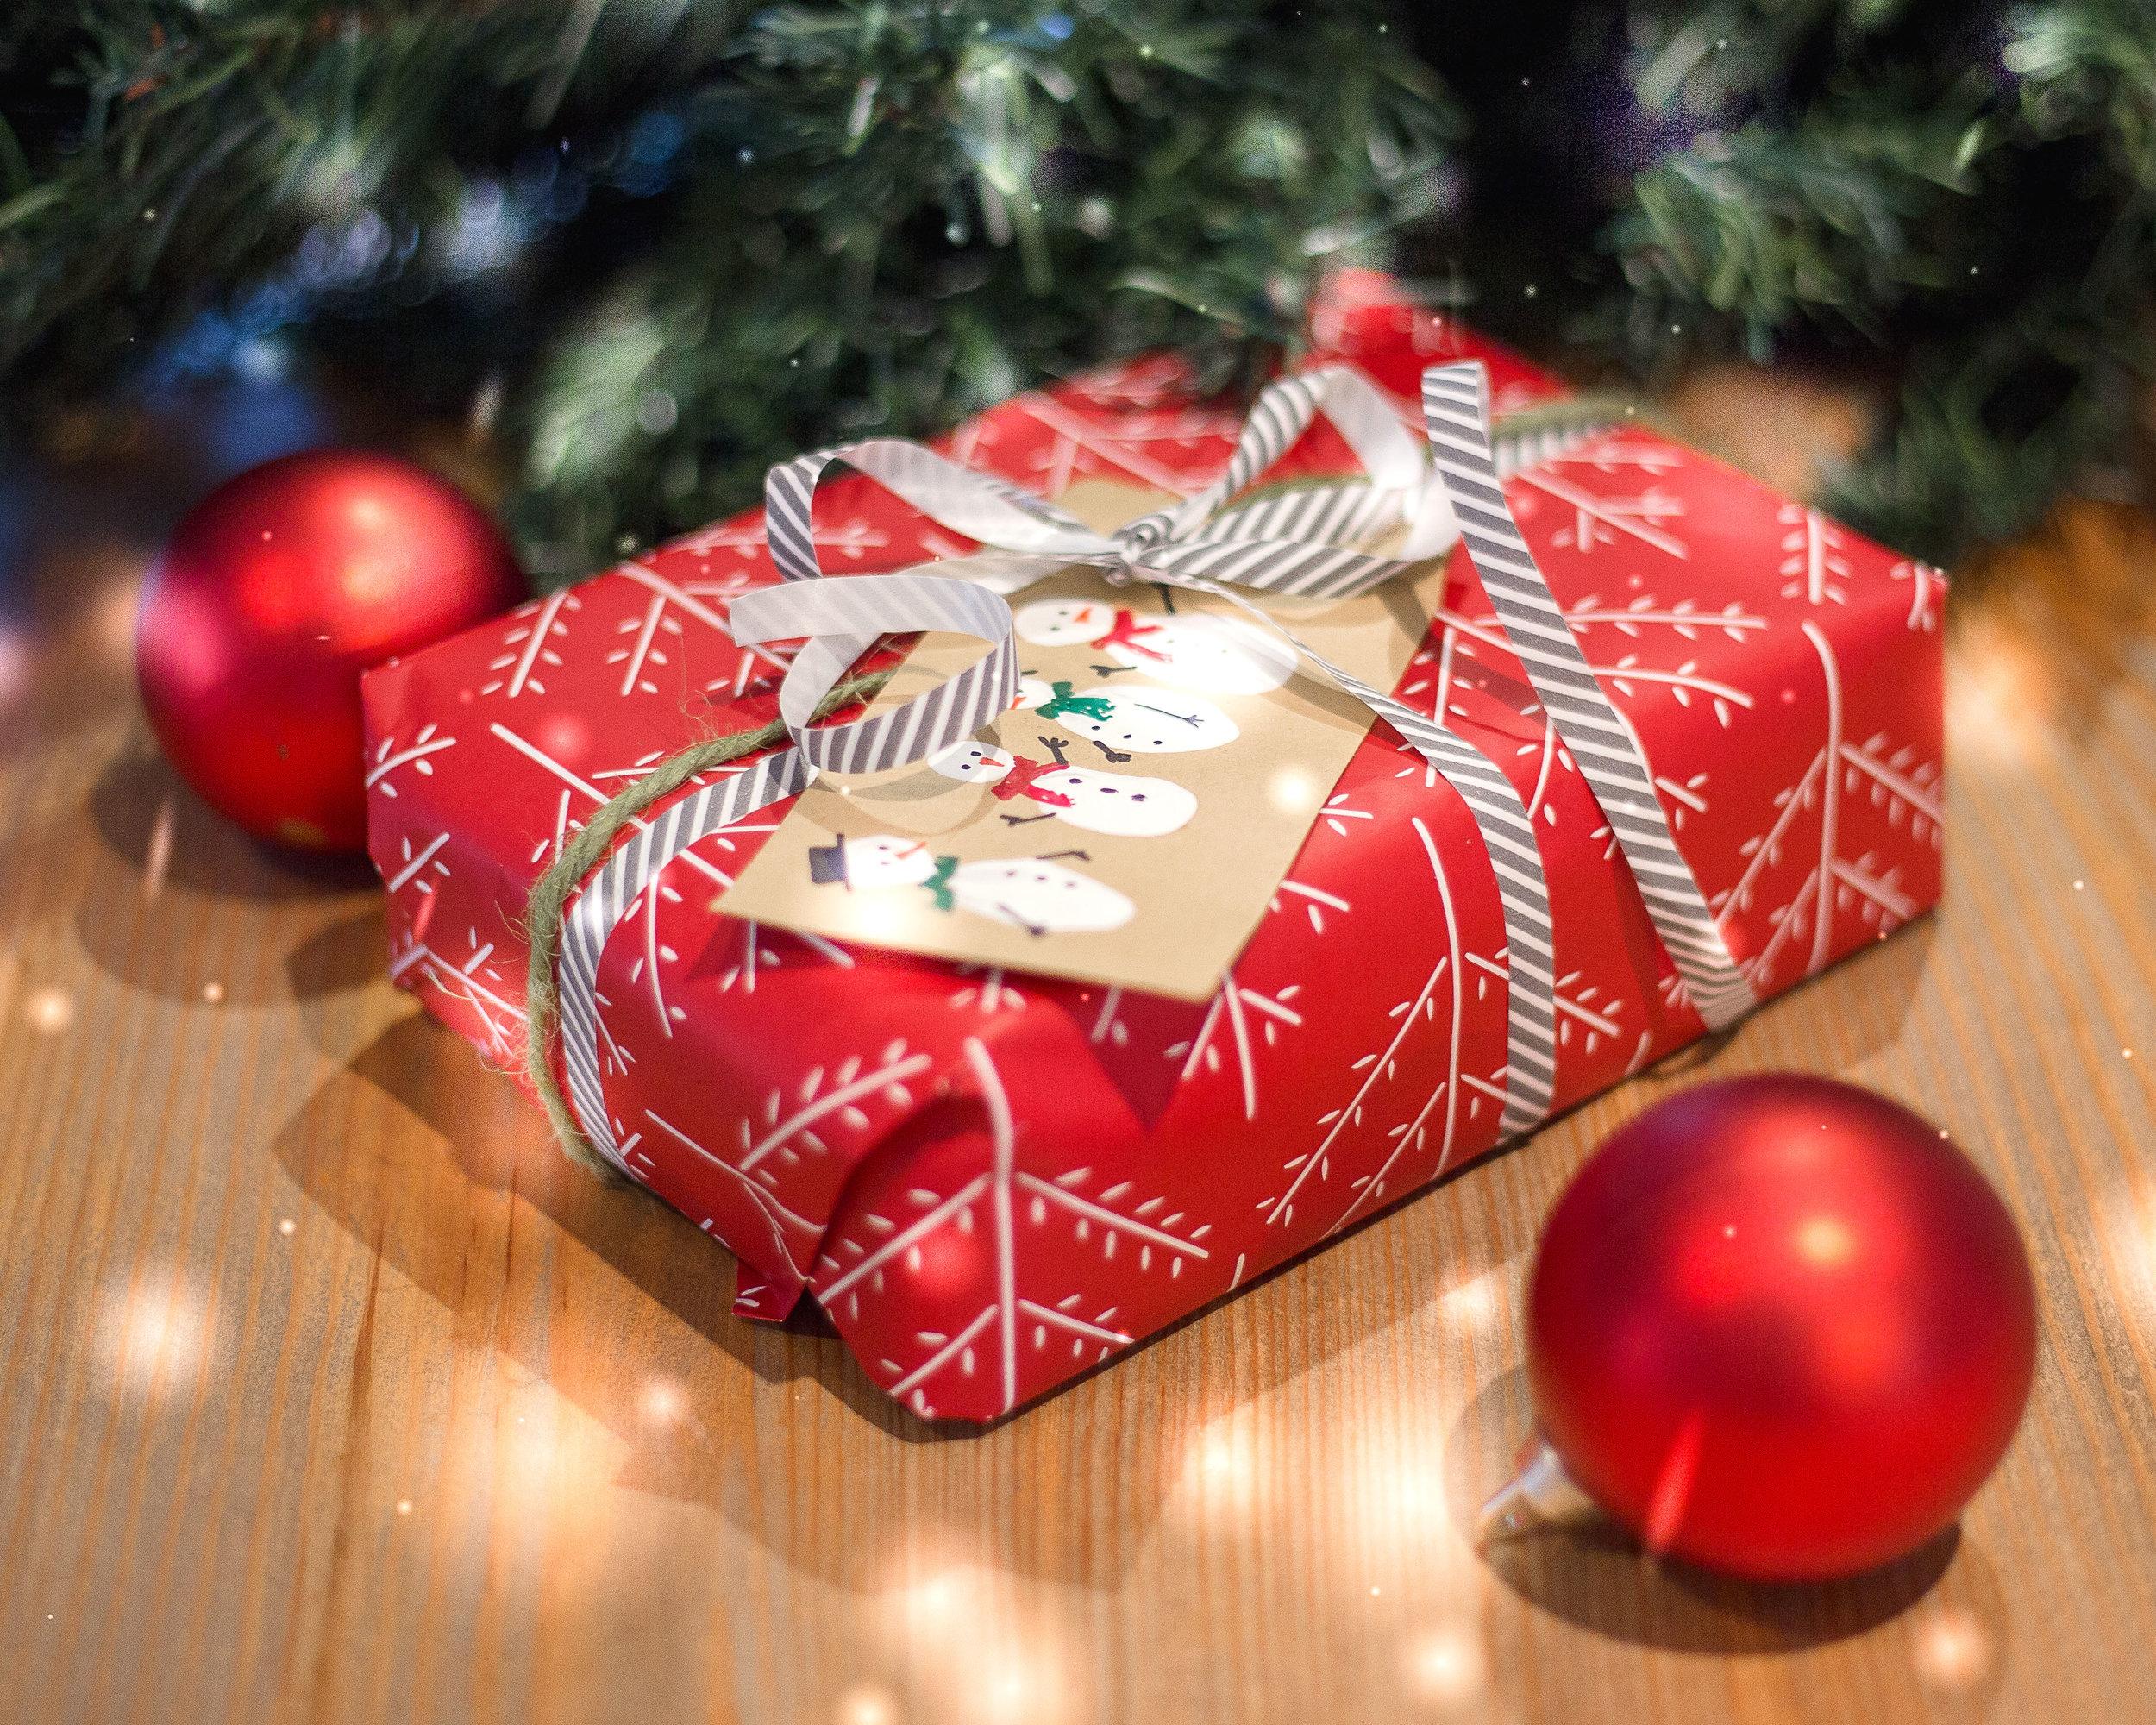 Christmas gift with handmade tag